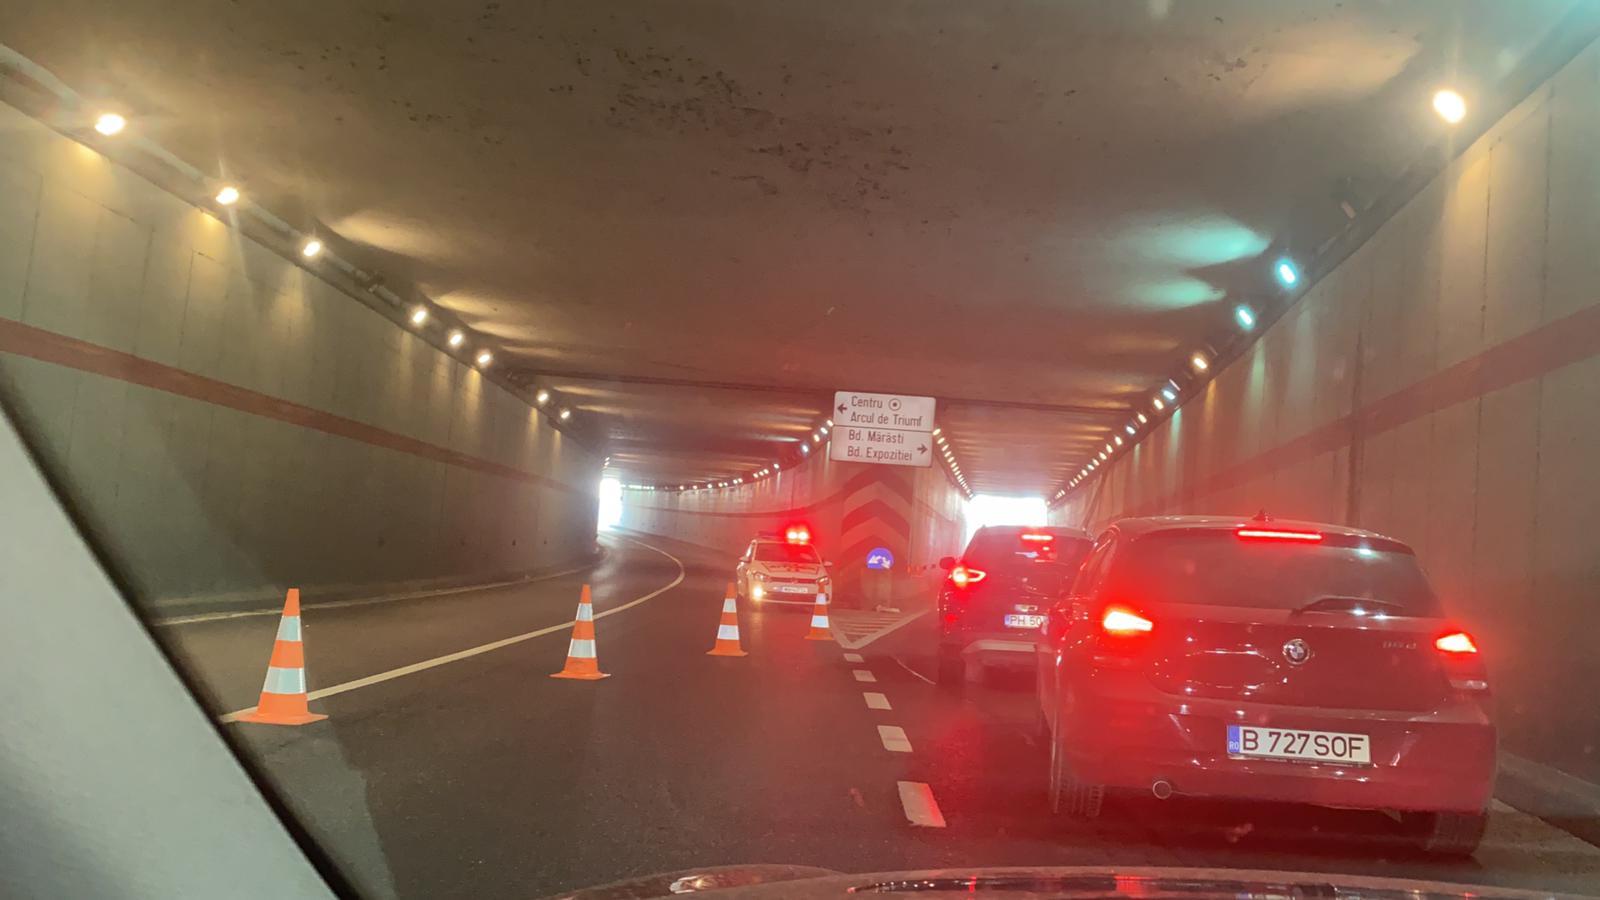 Aglomerație în trafic în Nordul Capitalei. Pasajul Kisseleff este restricționat dis-de-dimineață